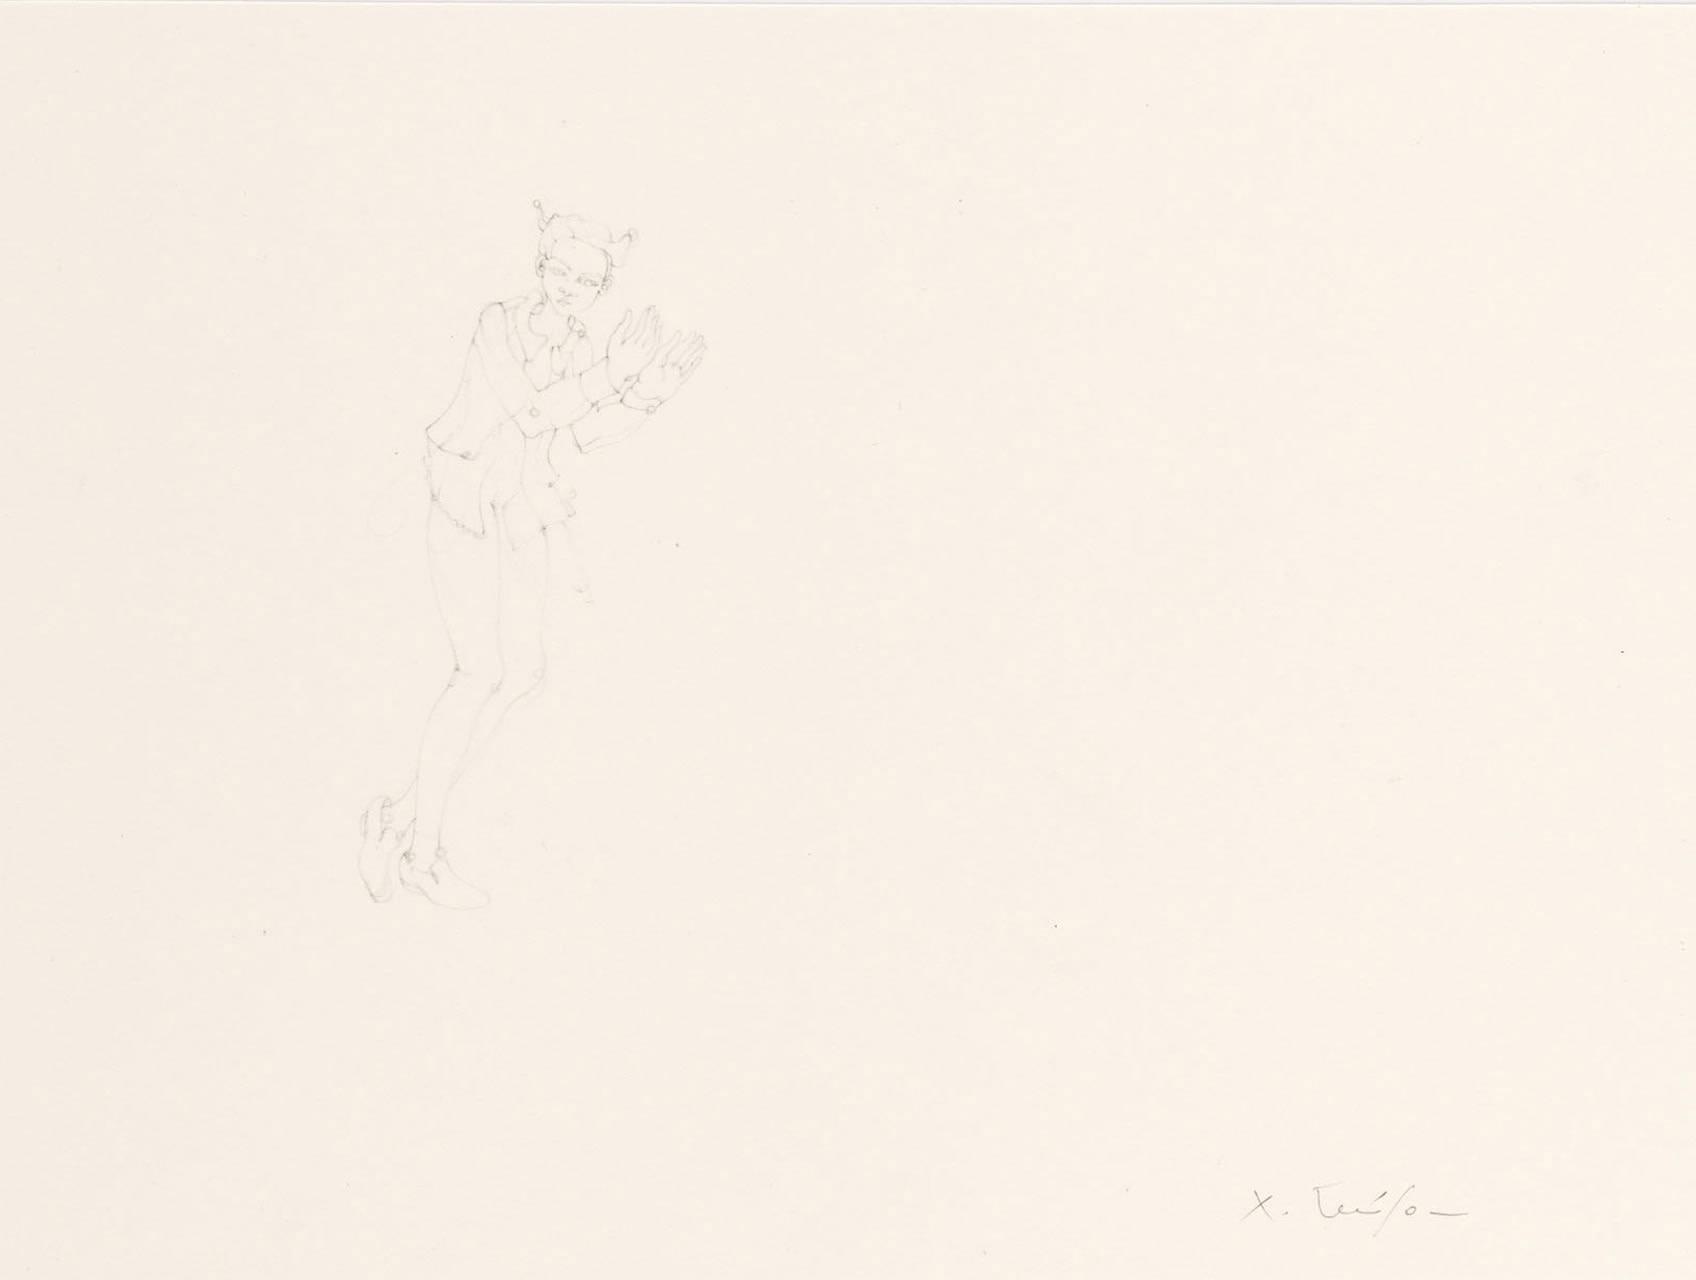 """<div class=""""artwork_caption""""><p>Snout The Wall, 2008</p></div>"""